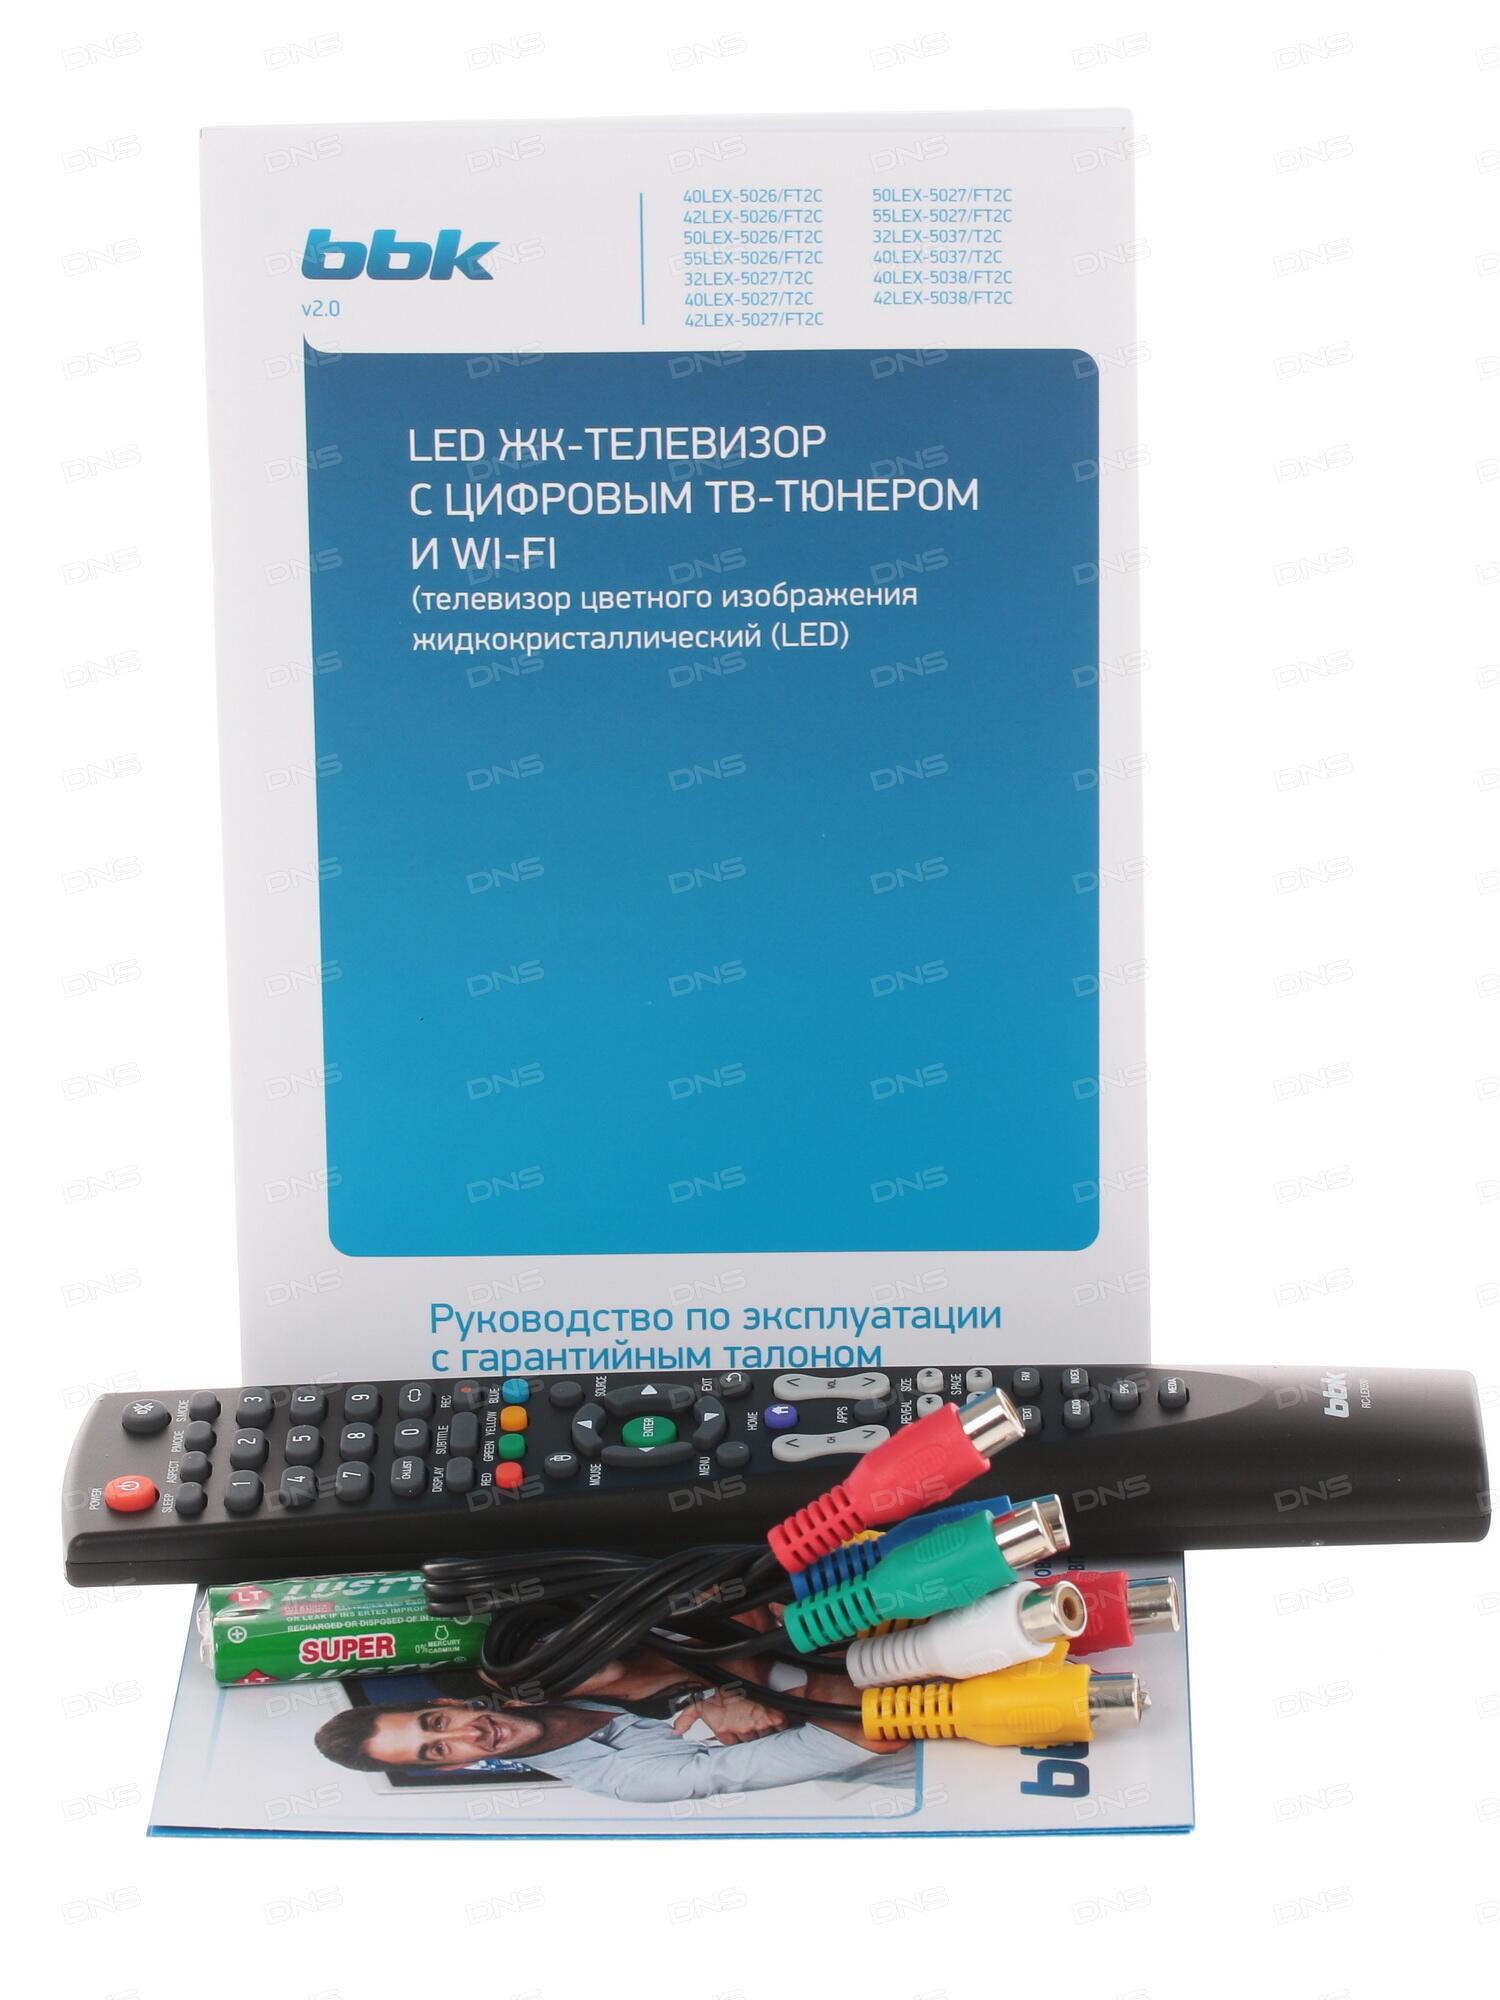 """Купить 40"""" (100 см) LED-телевизор BBK 40LEX-5026/FT2C черный в интернет магазине DNS. Характеристики, цена BBK 40LEX-5026/FT2C 1"""